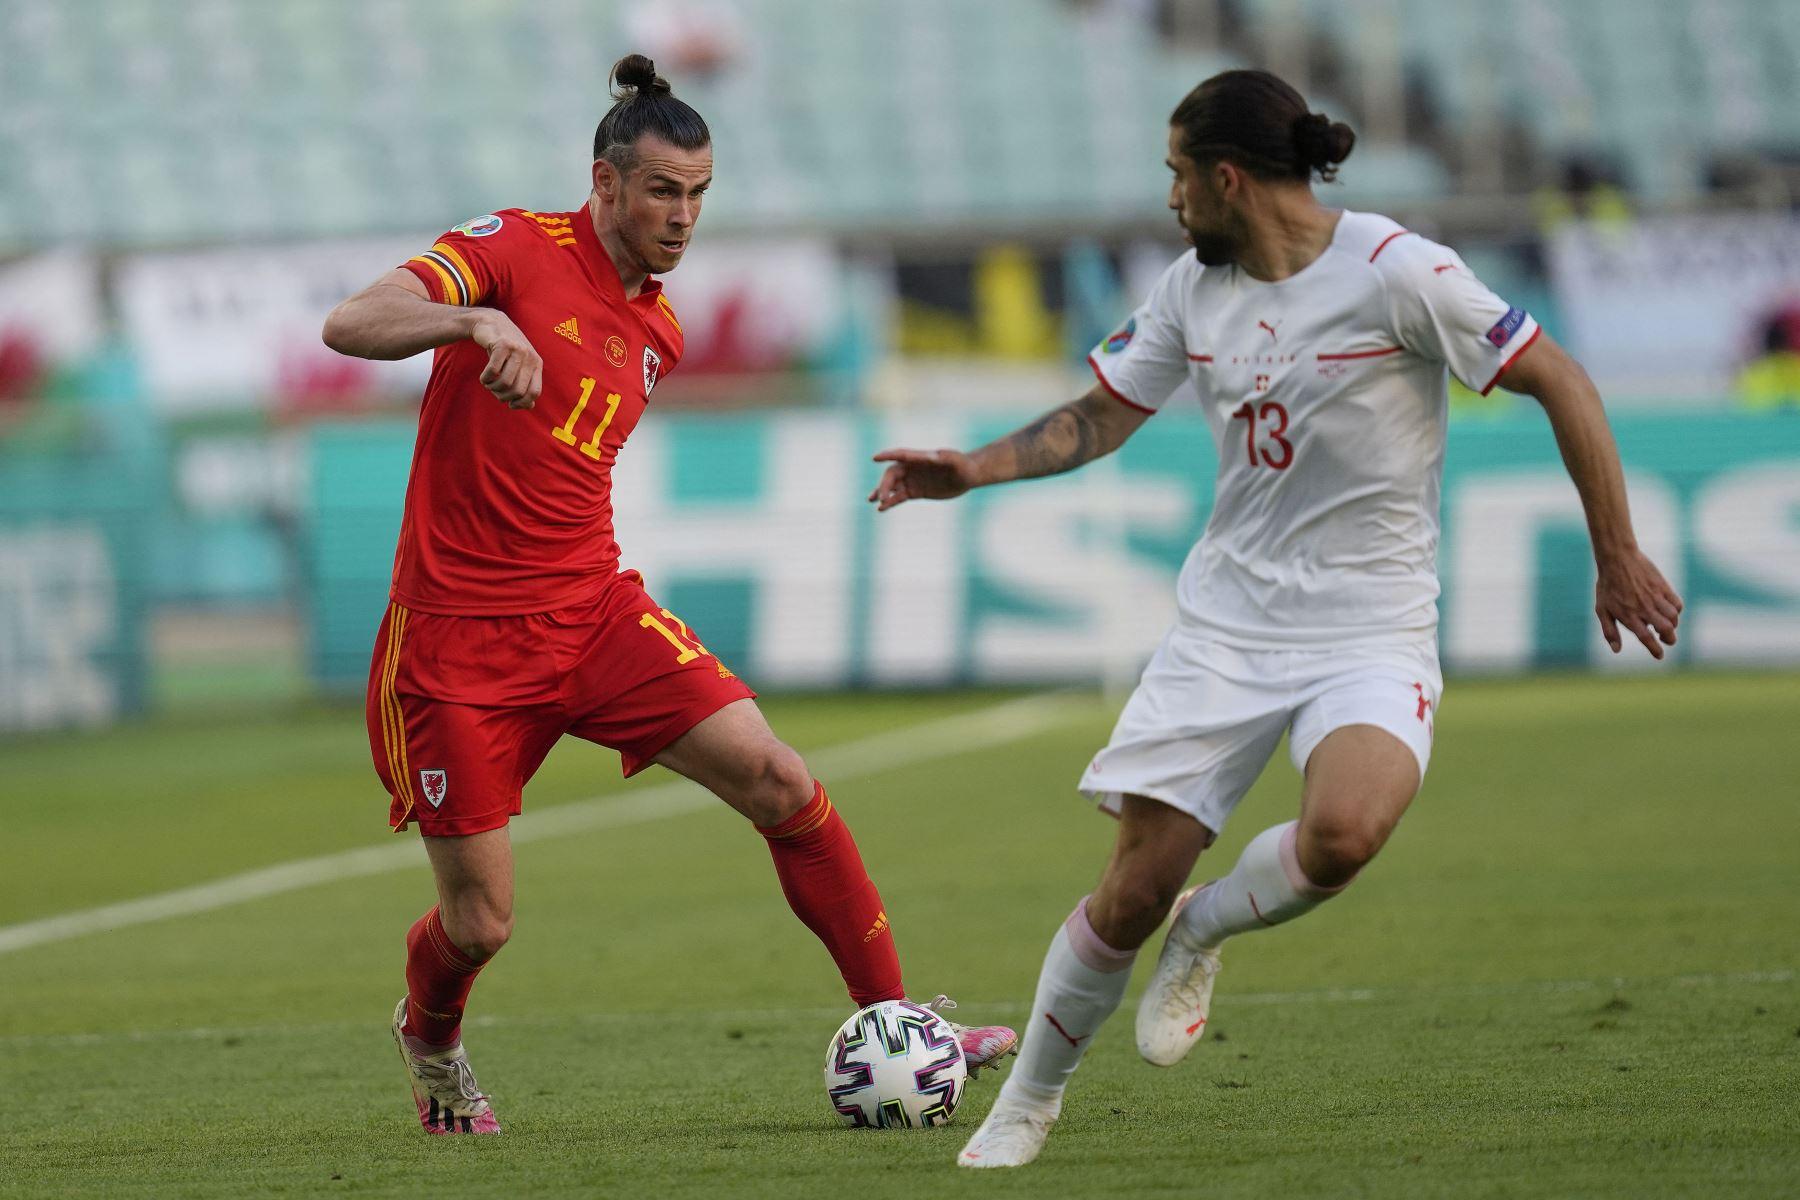 El delantero de Gales Gareth Bale es marcado por el defensor suizo Ricardo Rodríguez durante el partido de fútbol del Grupo A de la UEFA EURO 2020 entre Gales y Suiza en el Estadio Olímpico de Bakú. Foto: AFP